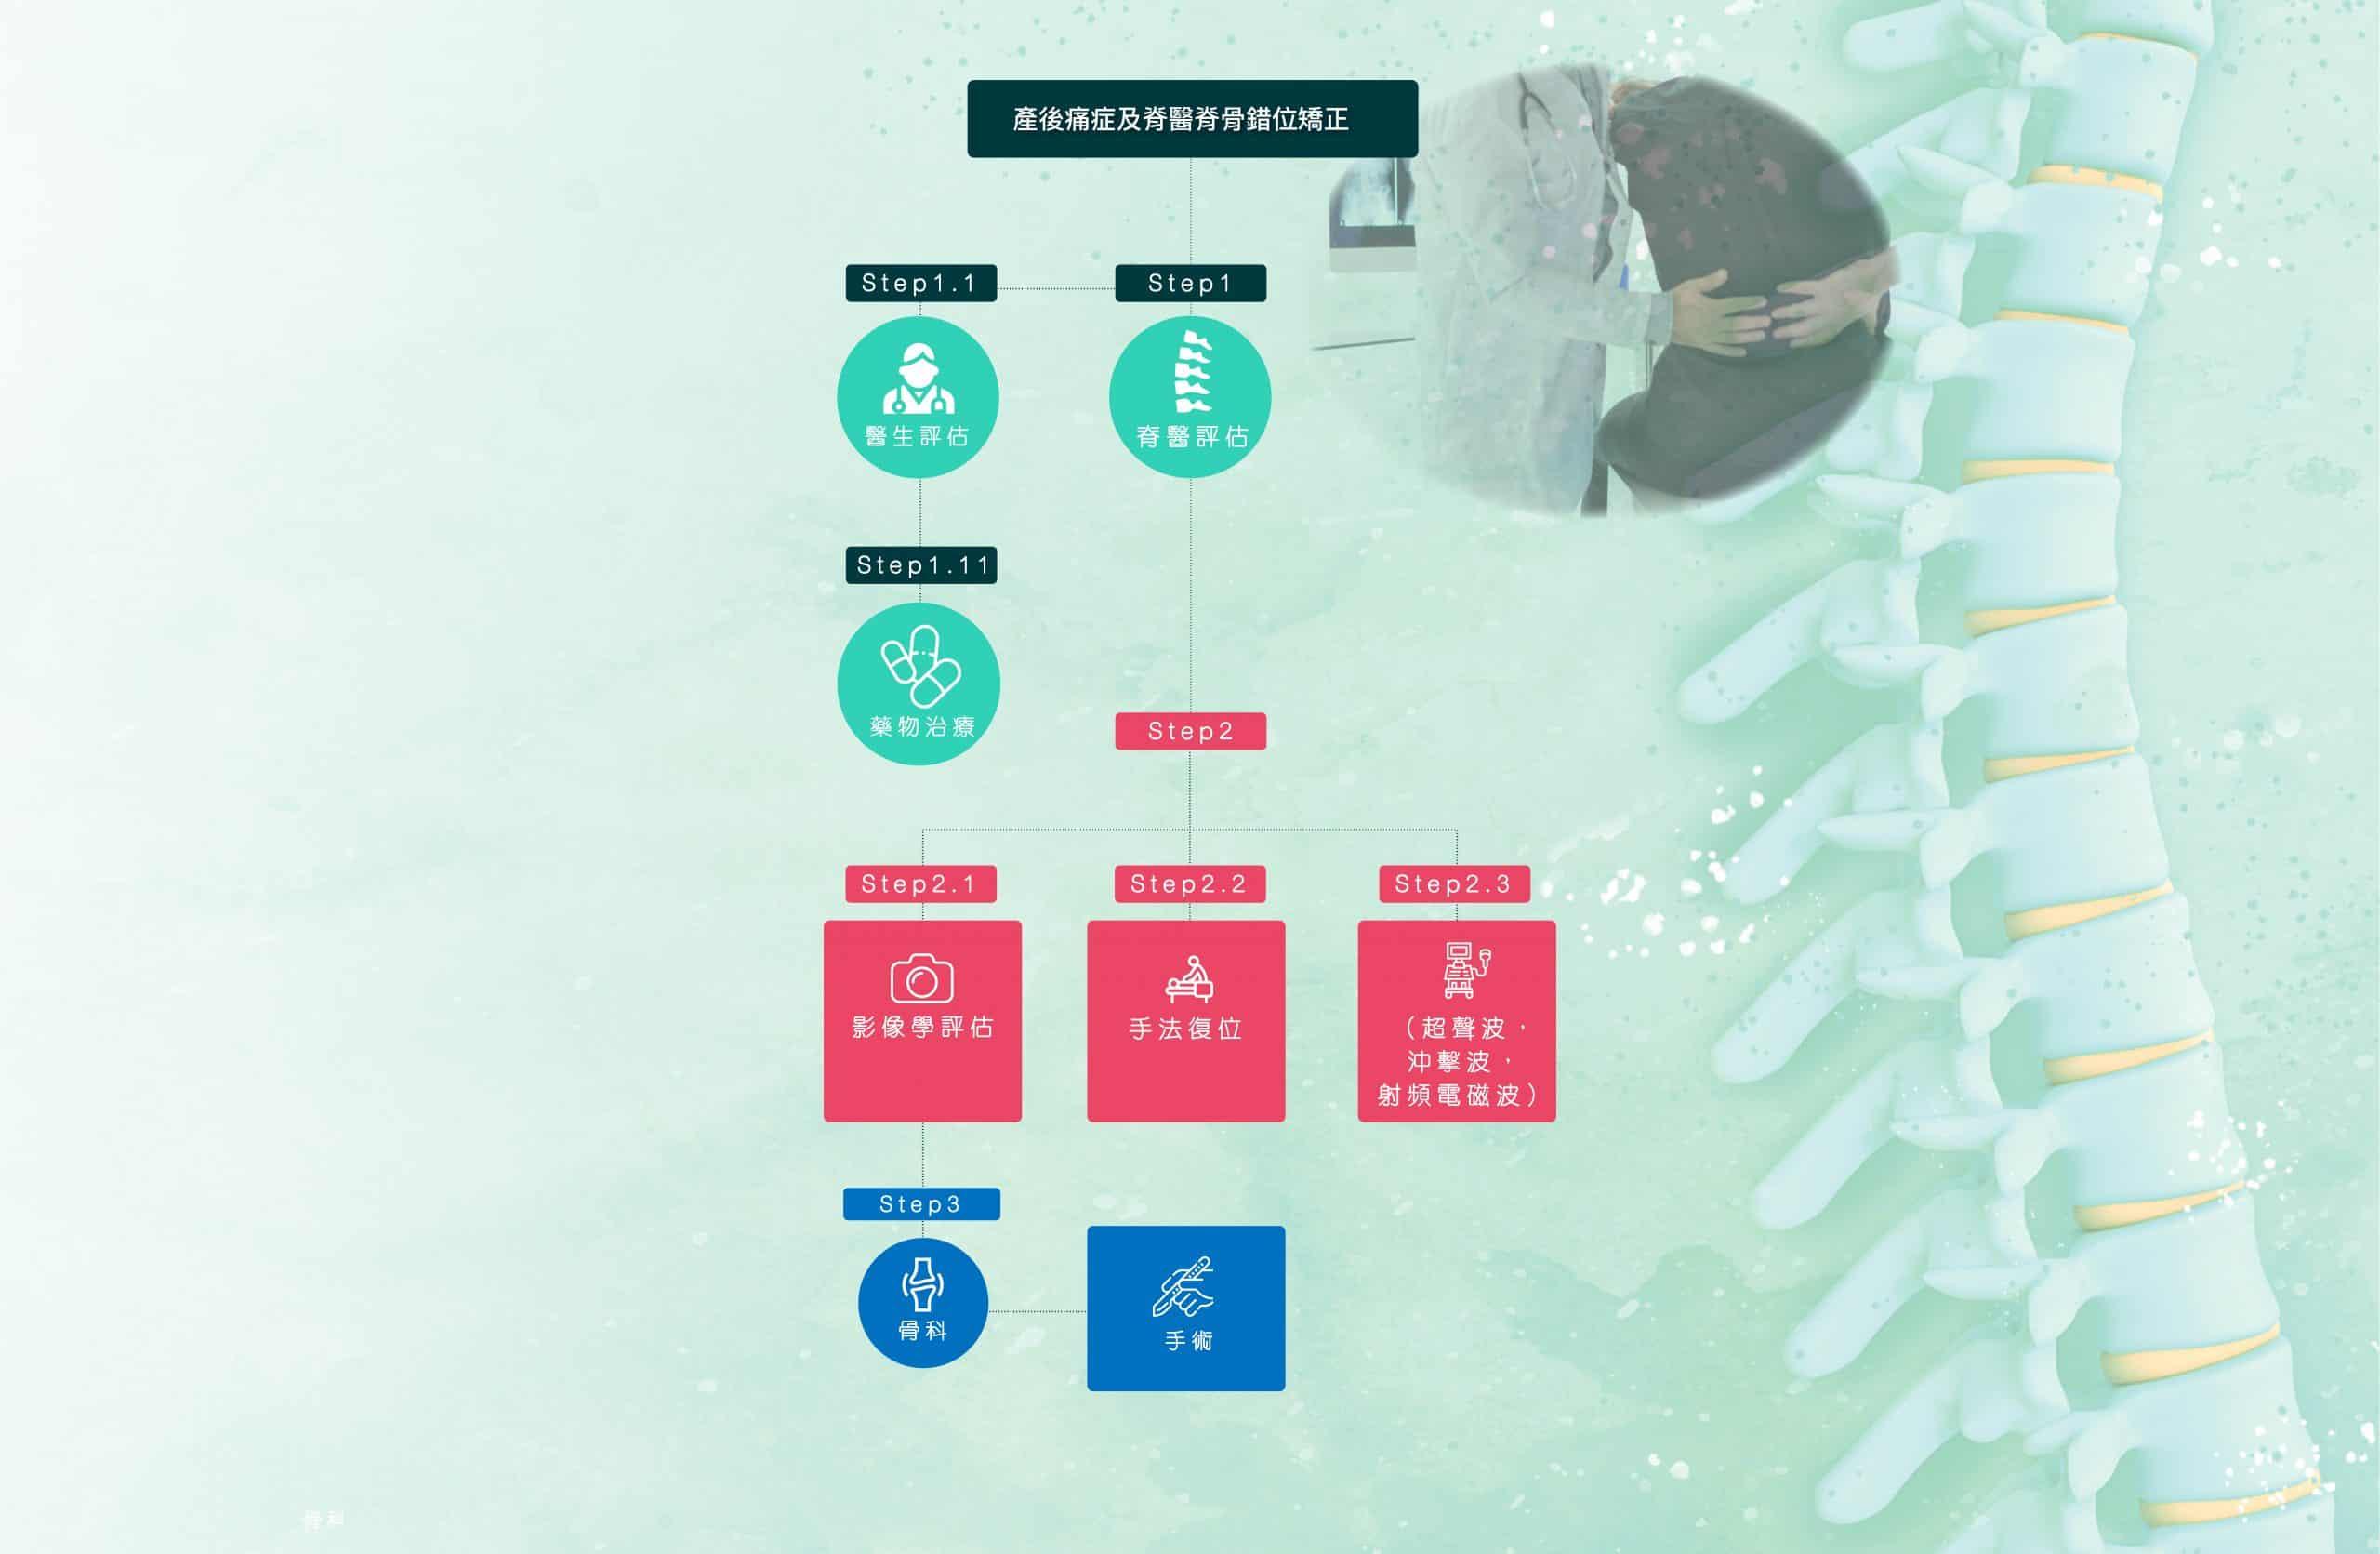 產後痛症物理治療及脊醫脊骨錯位矯正 Hkhearts 產後痛症及脊醫脊骨錯位矯正 03 scaled